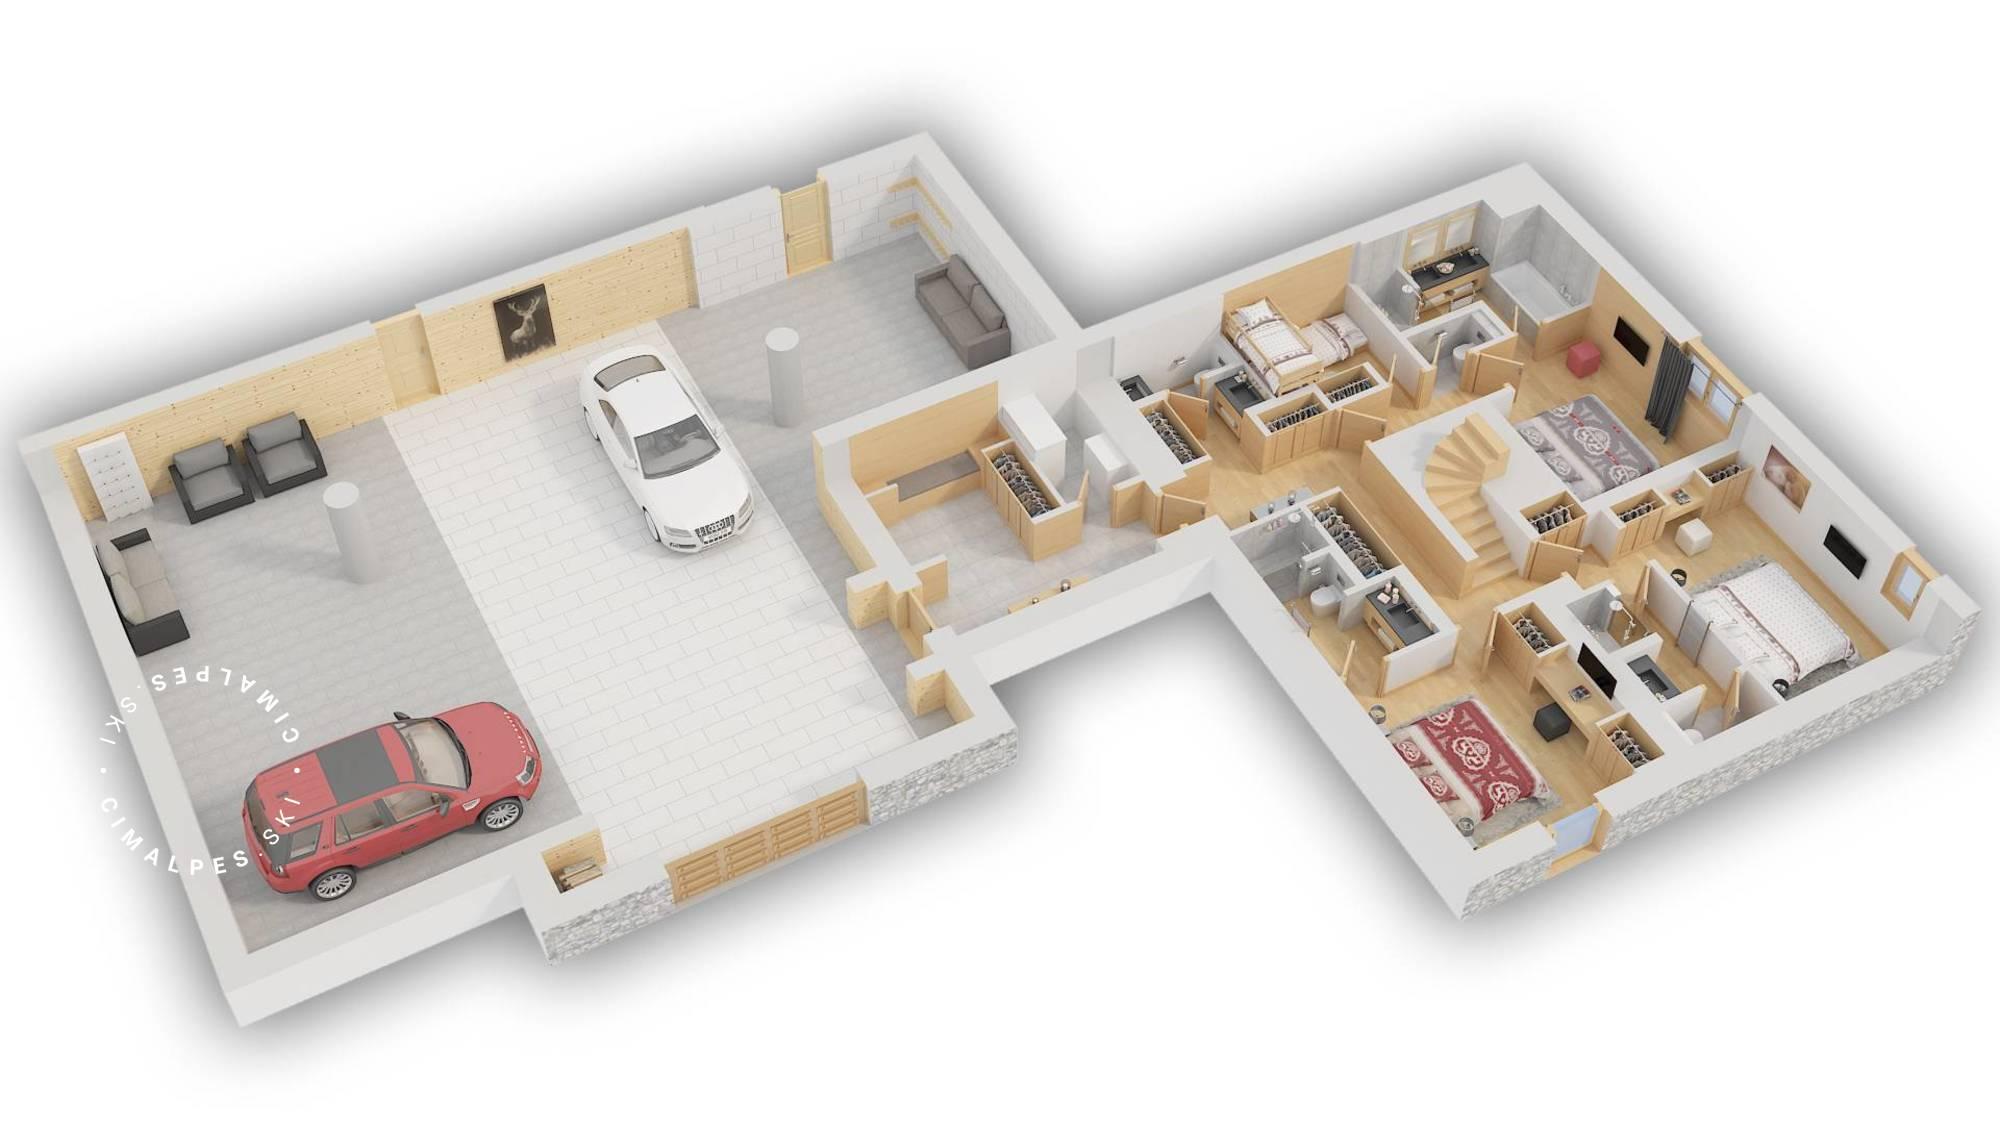 Chalet B Megeve Floor Plan 1